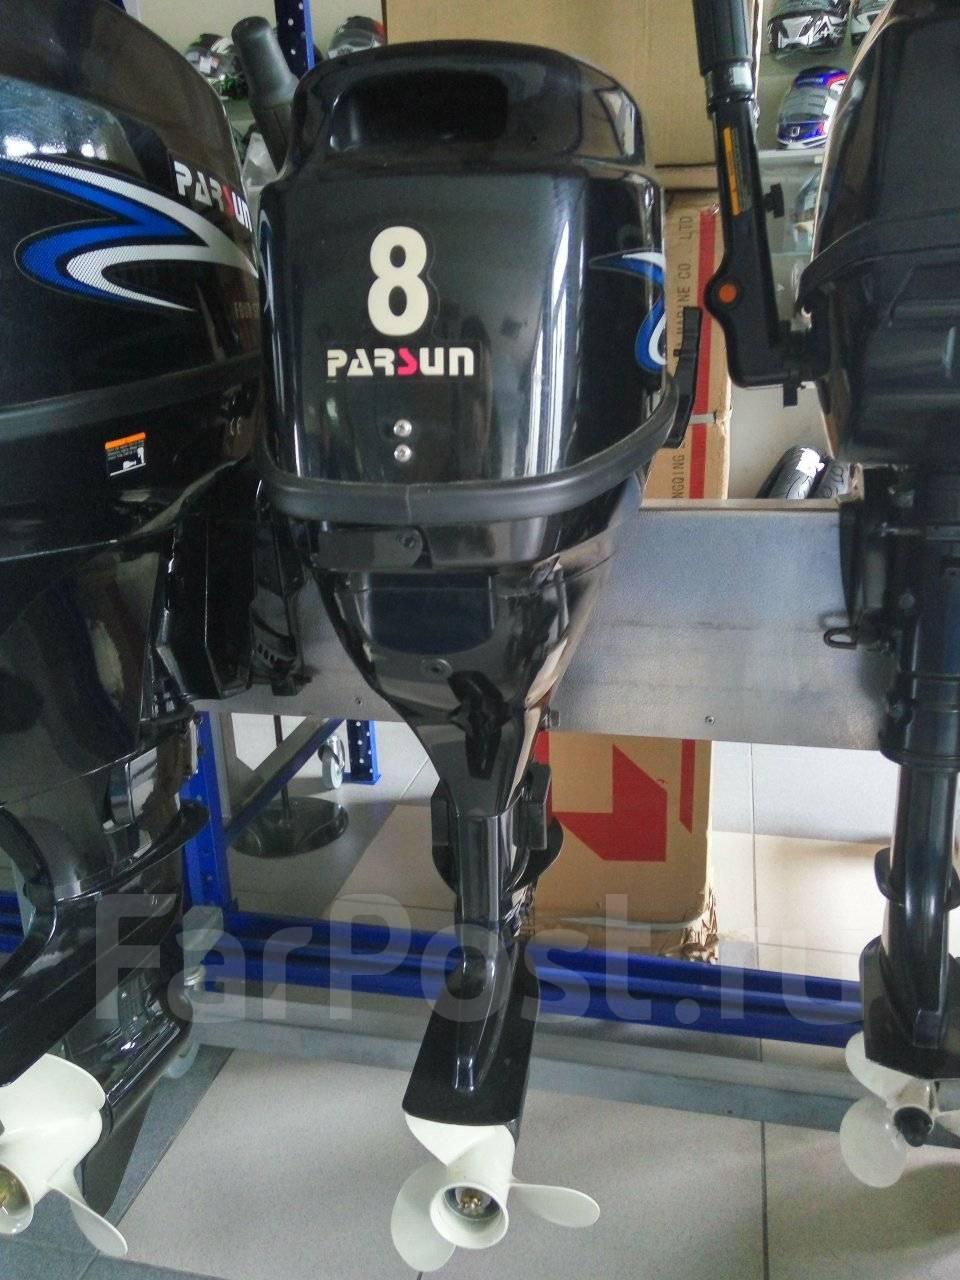 мотор parsun 2.6 инструкция